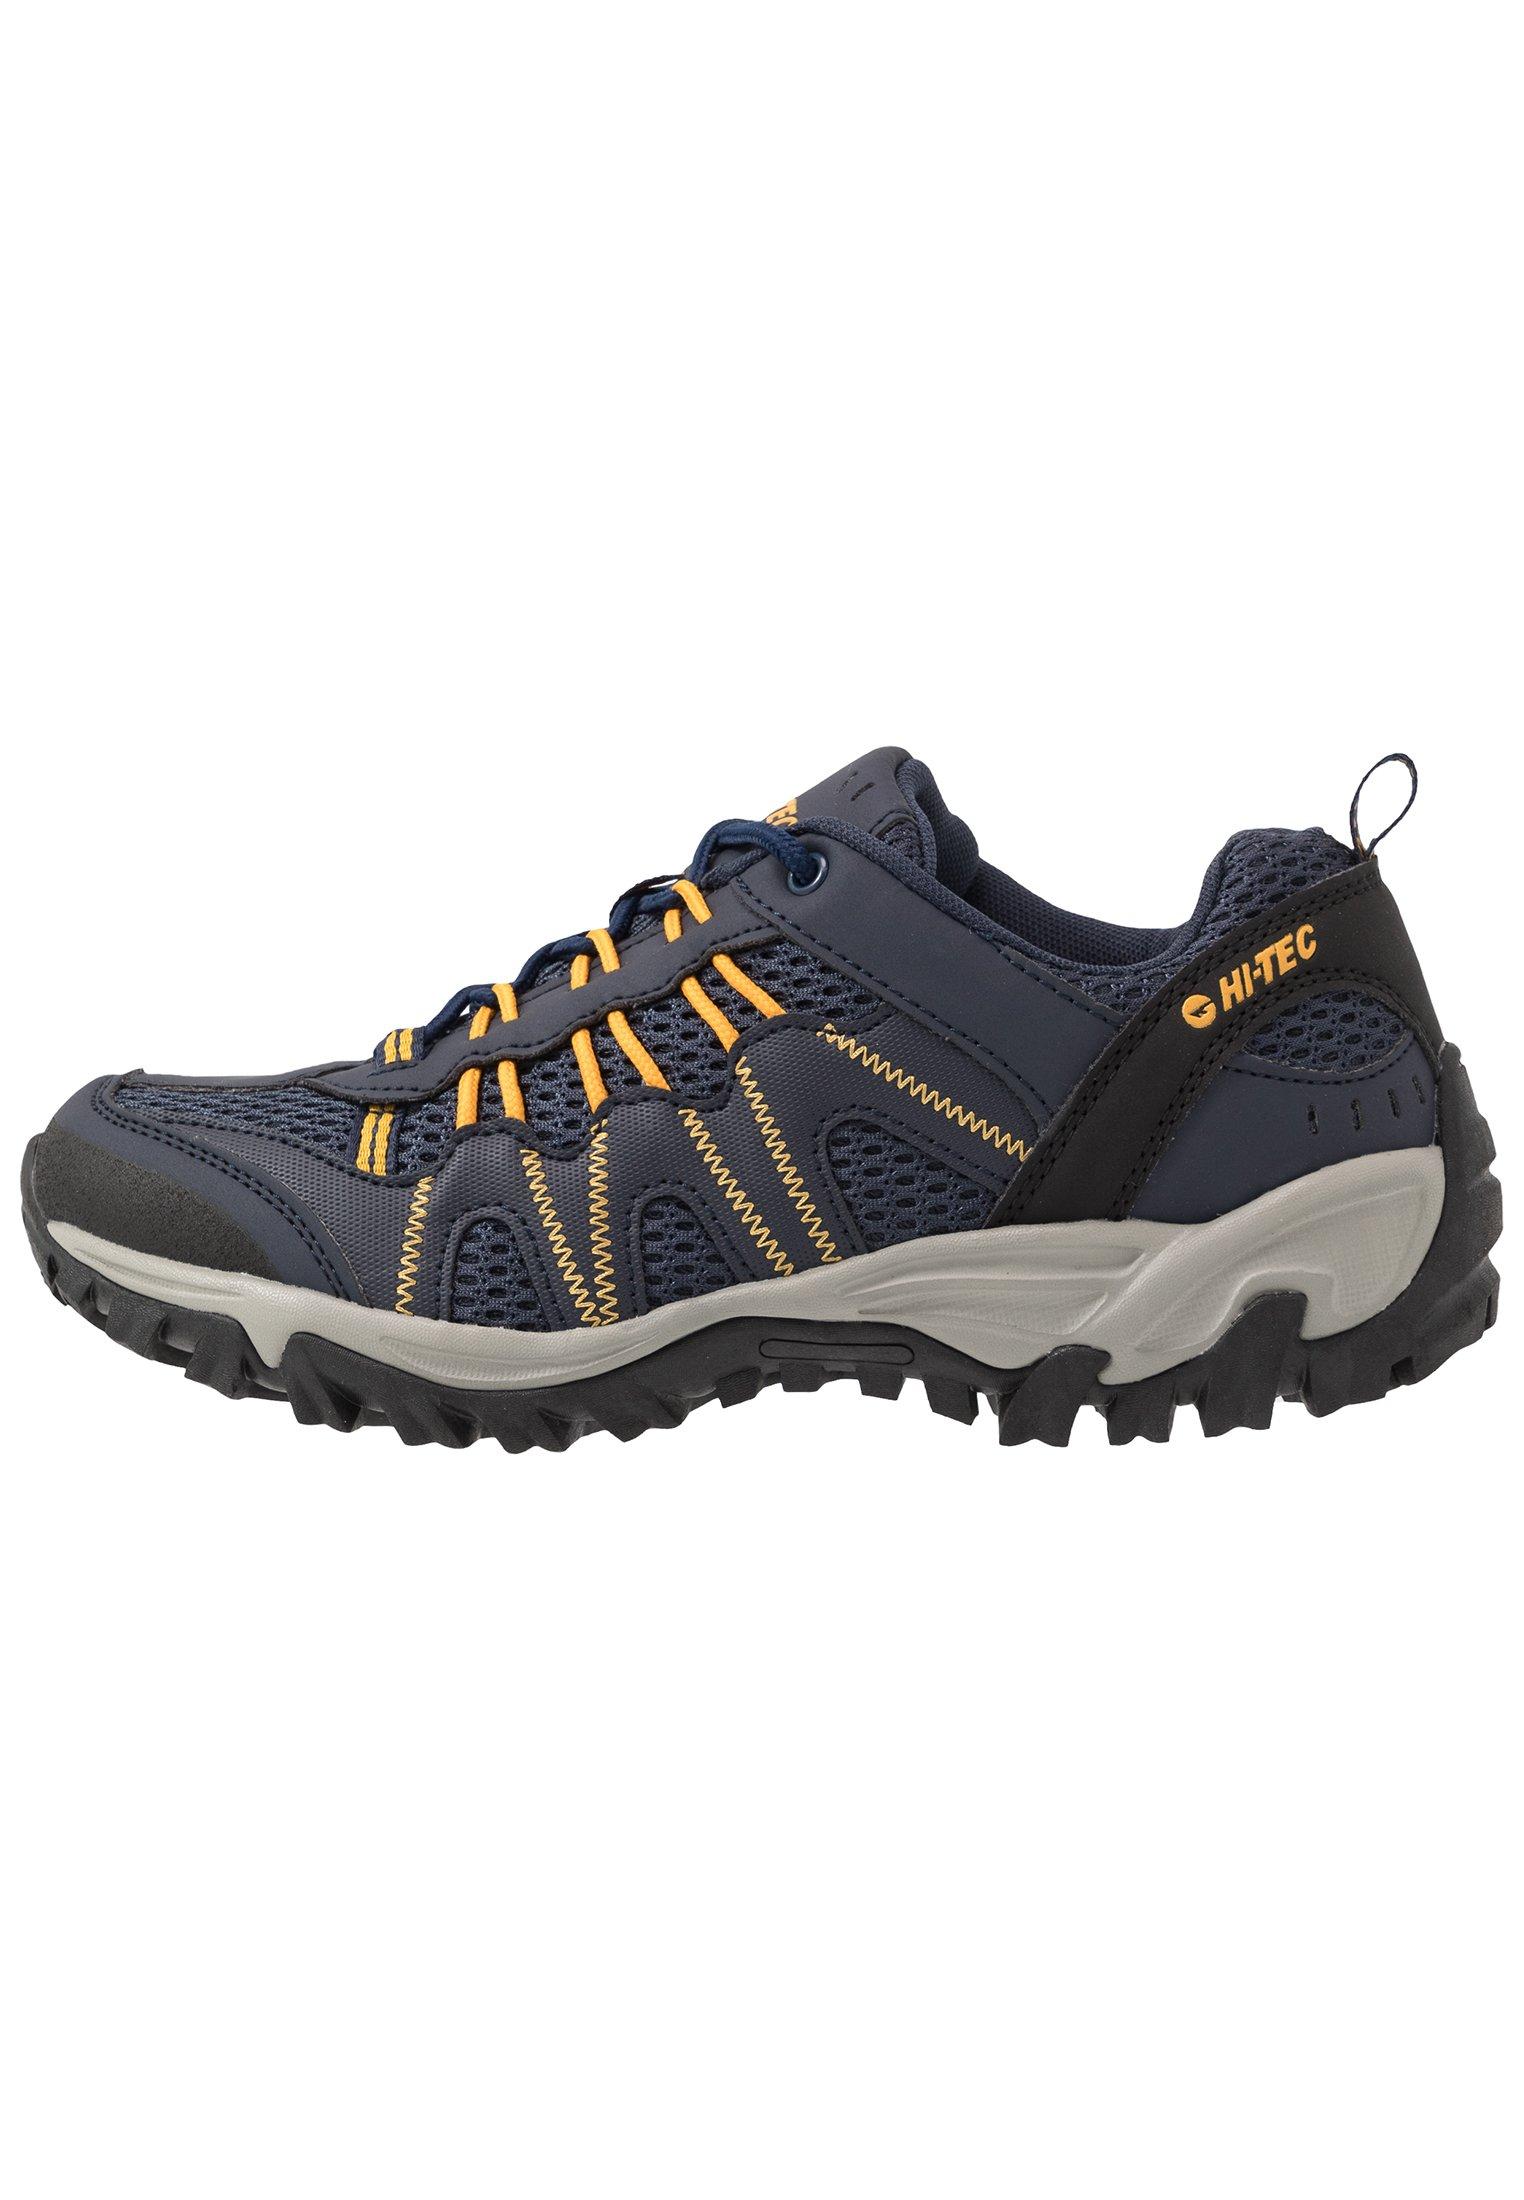 Uomo JAGUAR - Scarpa da hiking